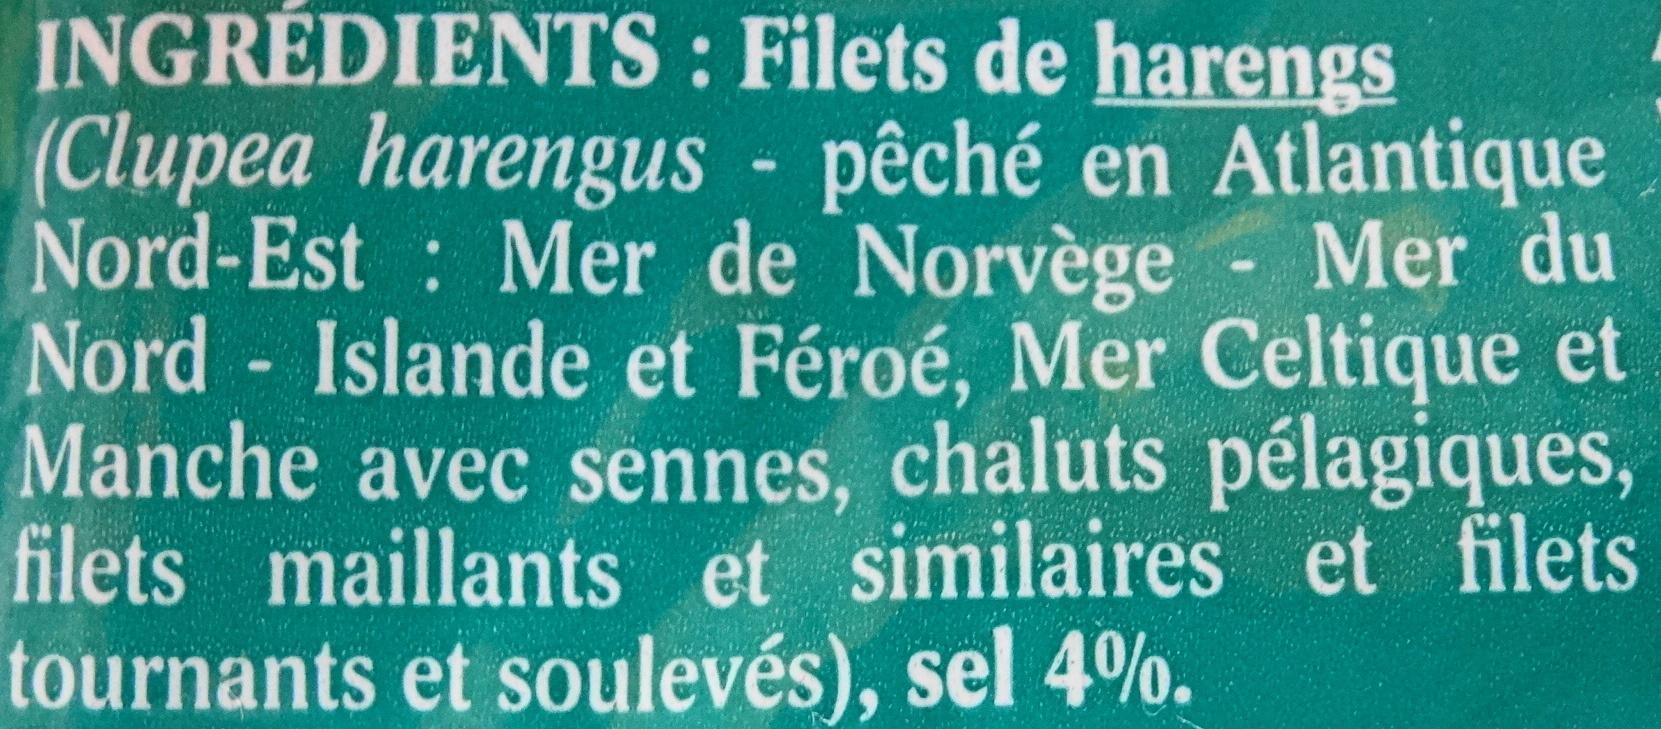 Filets de harengs, doux, fumés au bois de hêtre - Ingrédients - fr